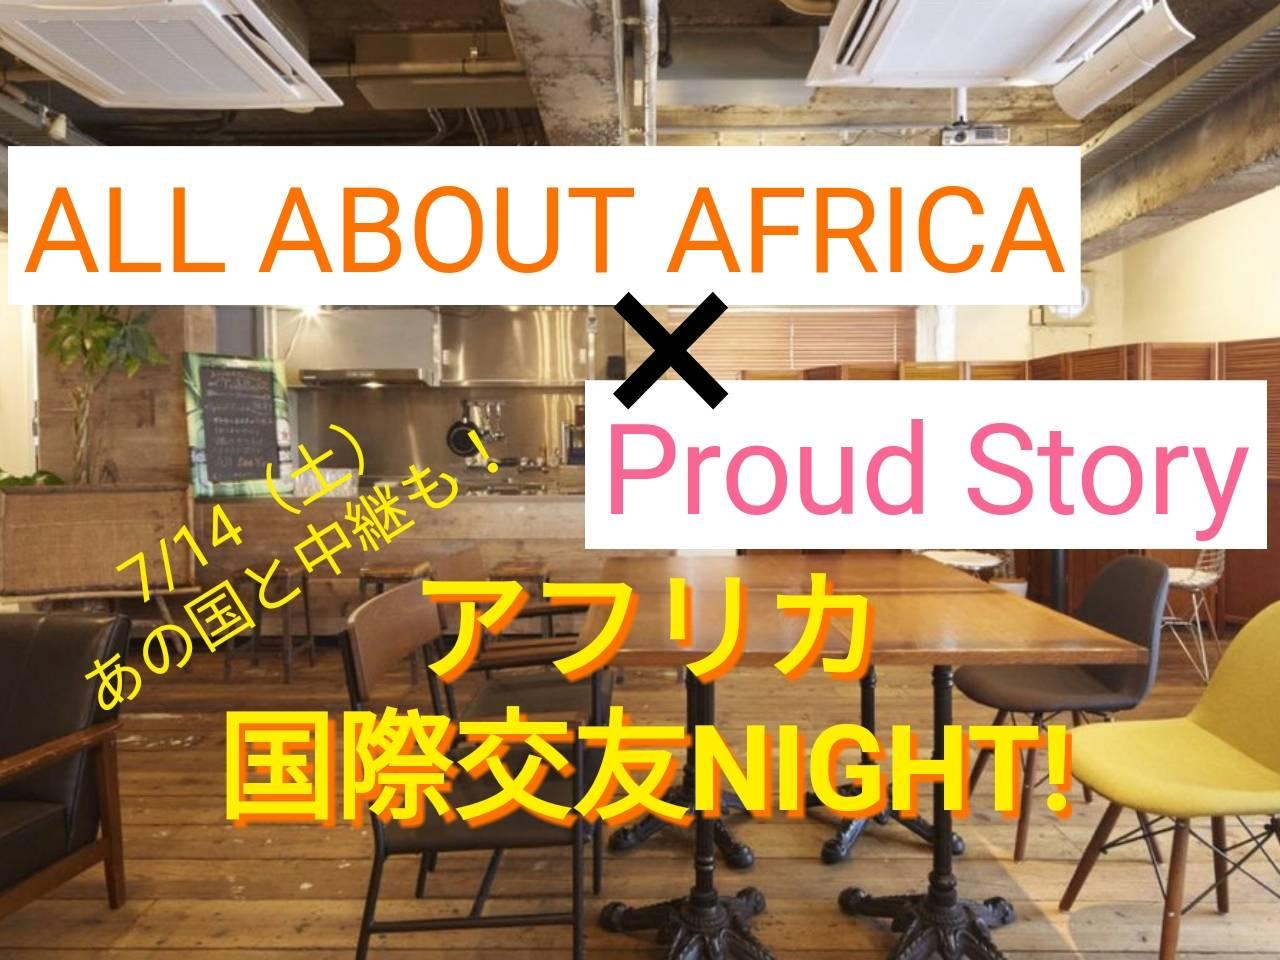 【7/14開催】proud storyと共催!アフリカ国際交友NIGHTを開催します!